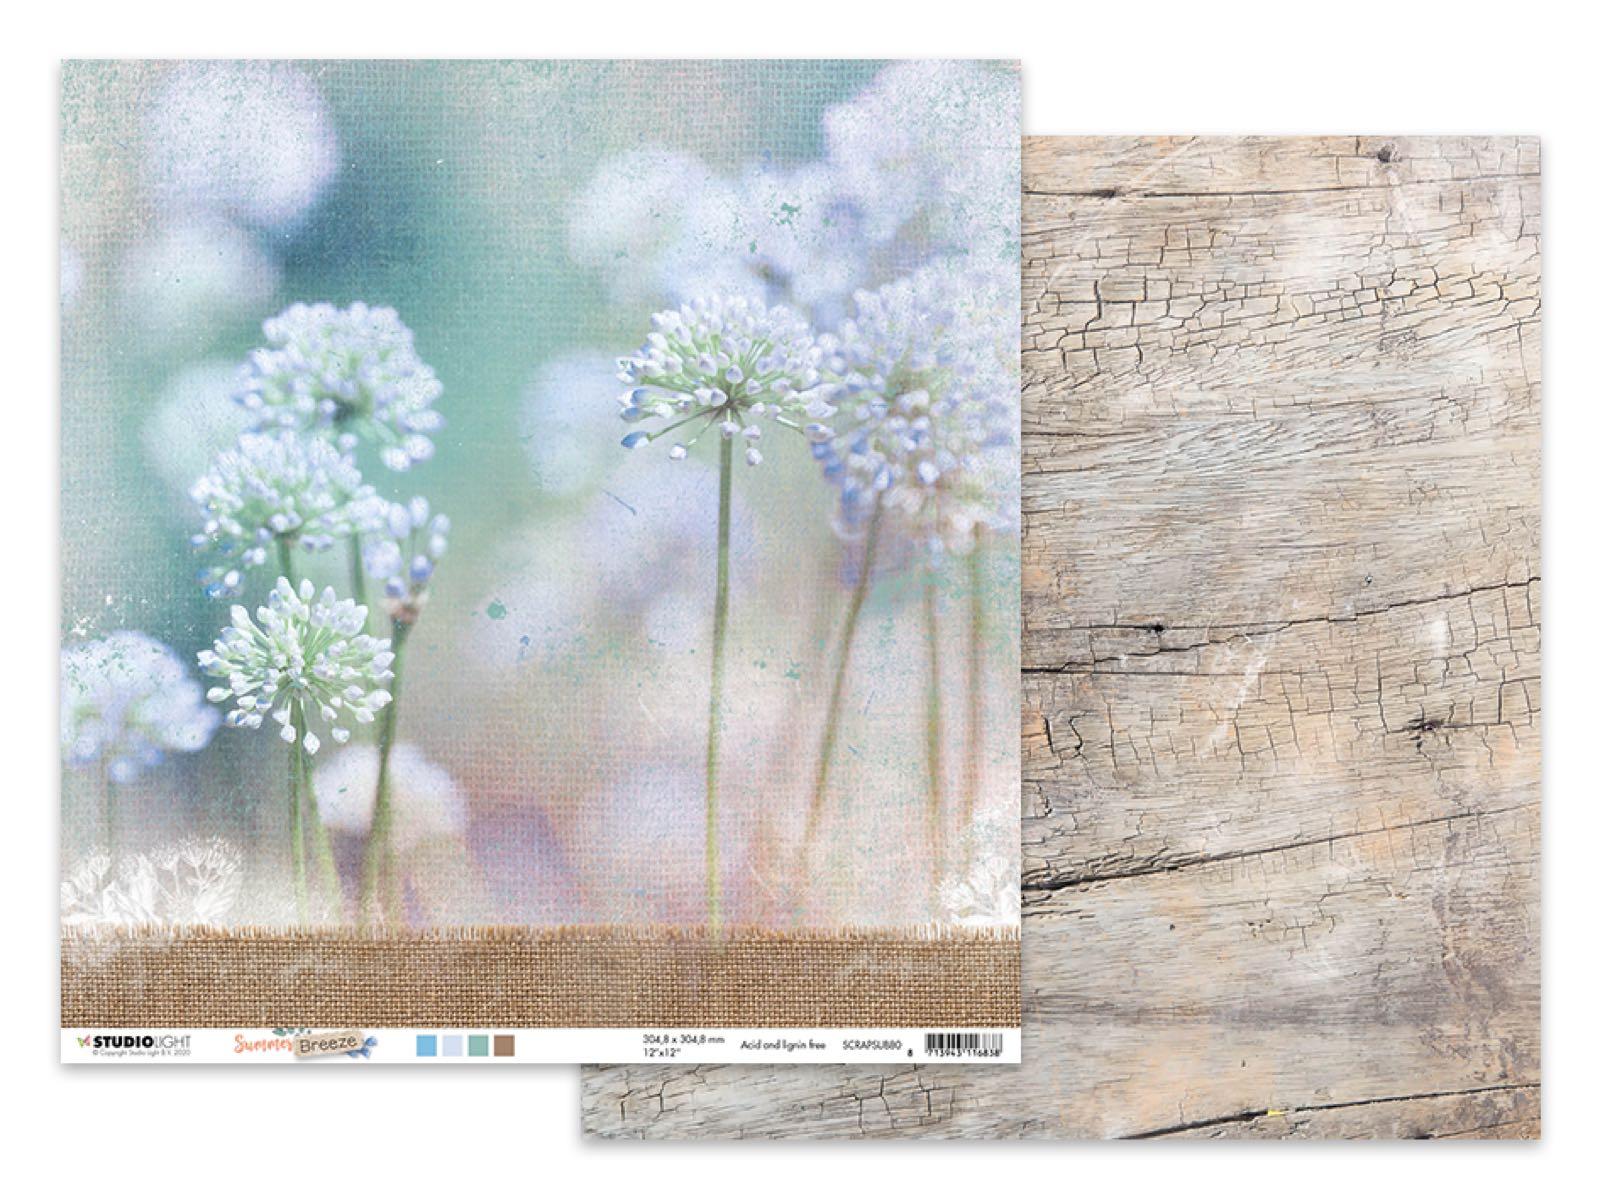 Studiolight, Summer breeze, 12x12 mønsterark tosidig.